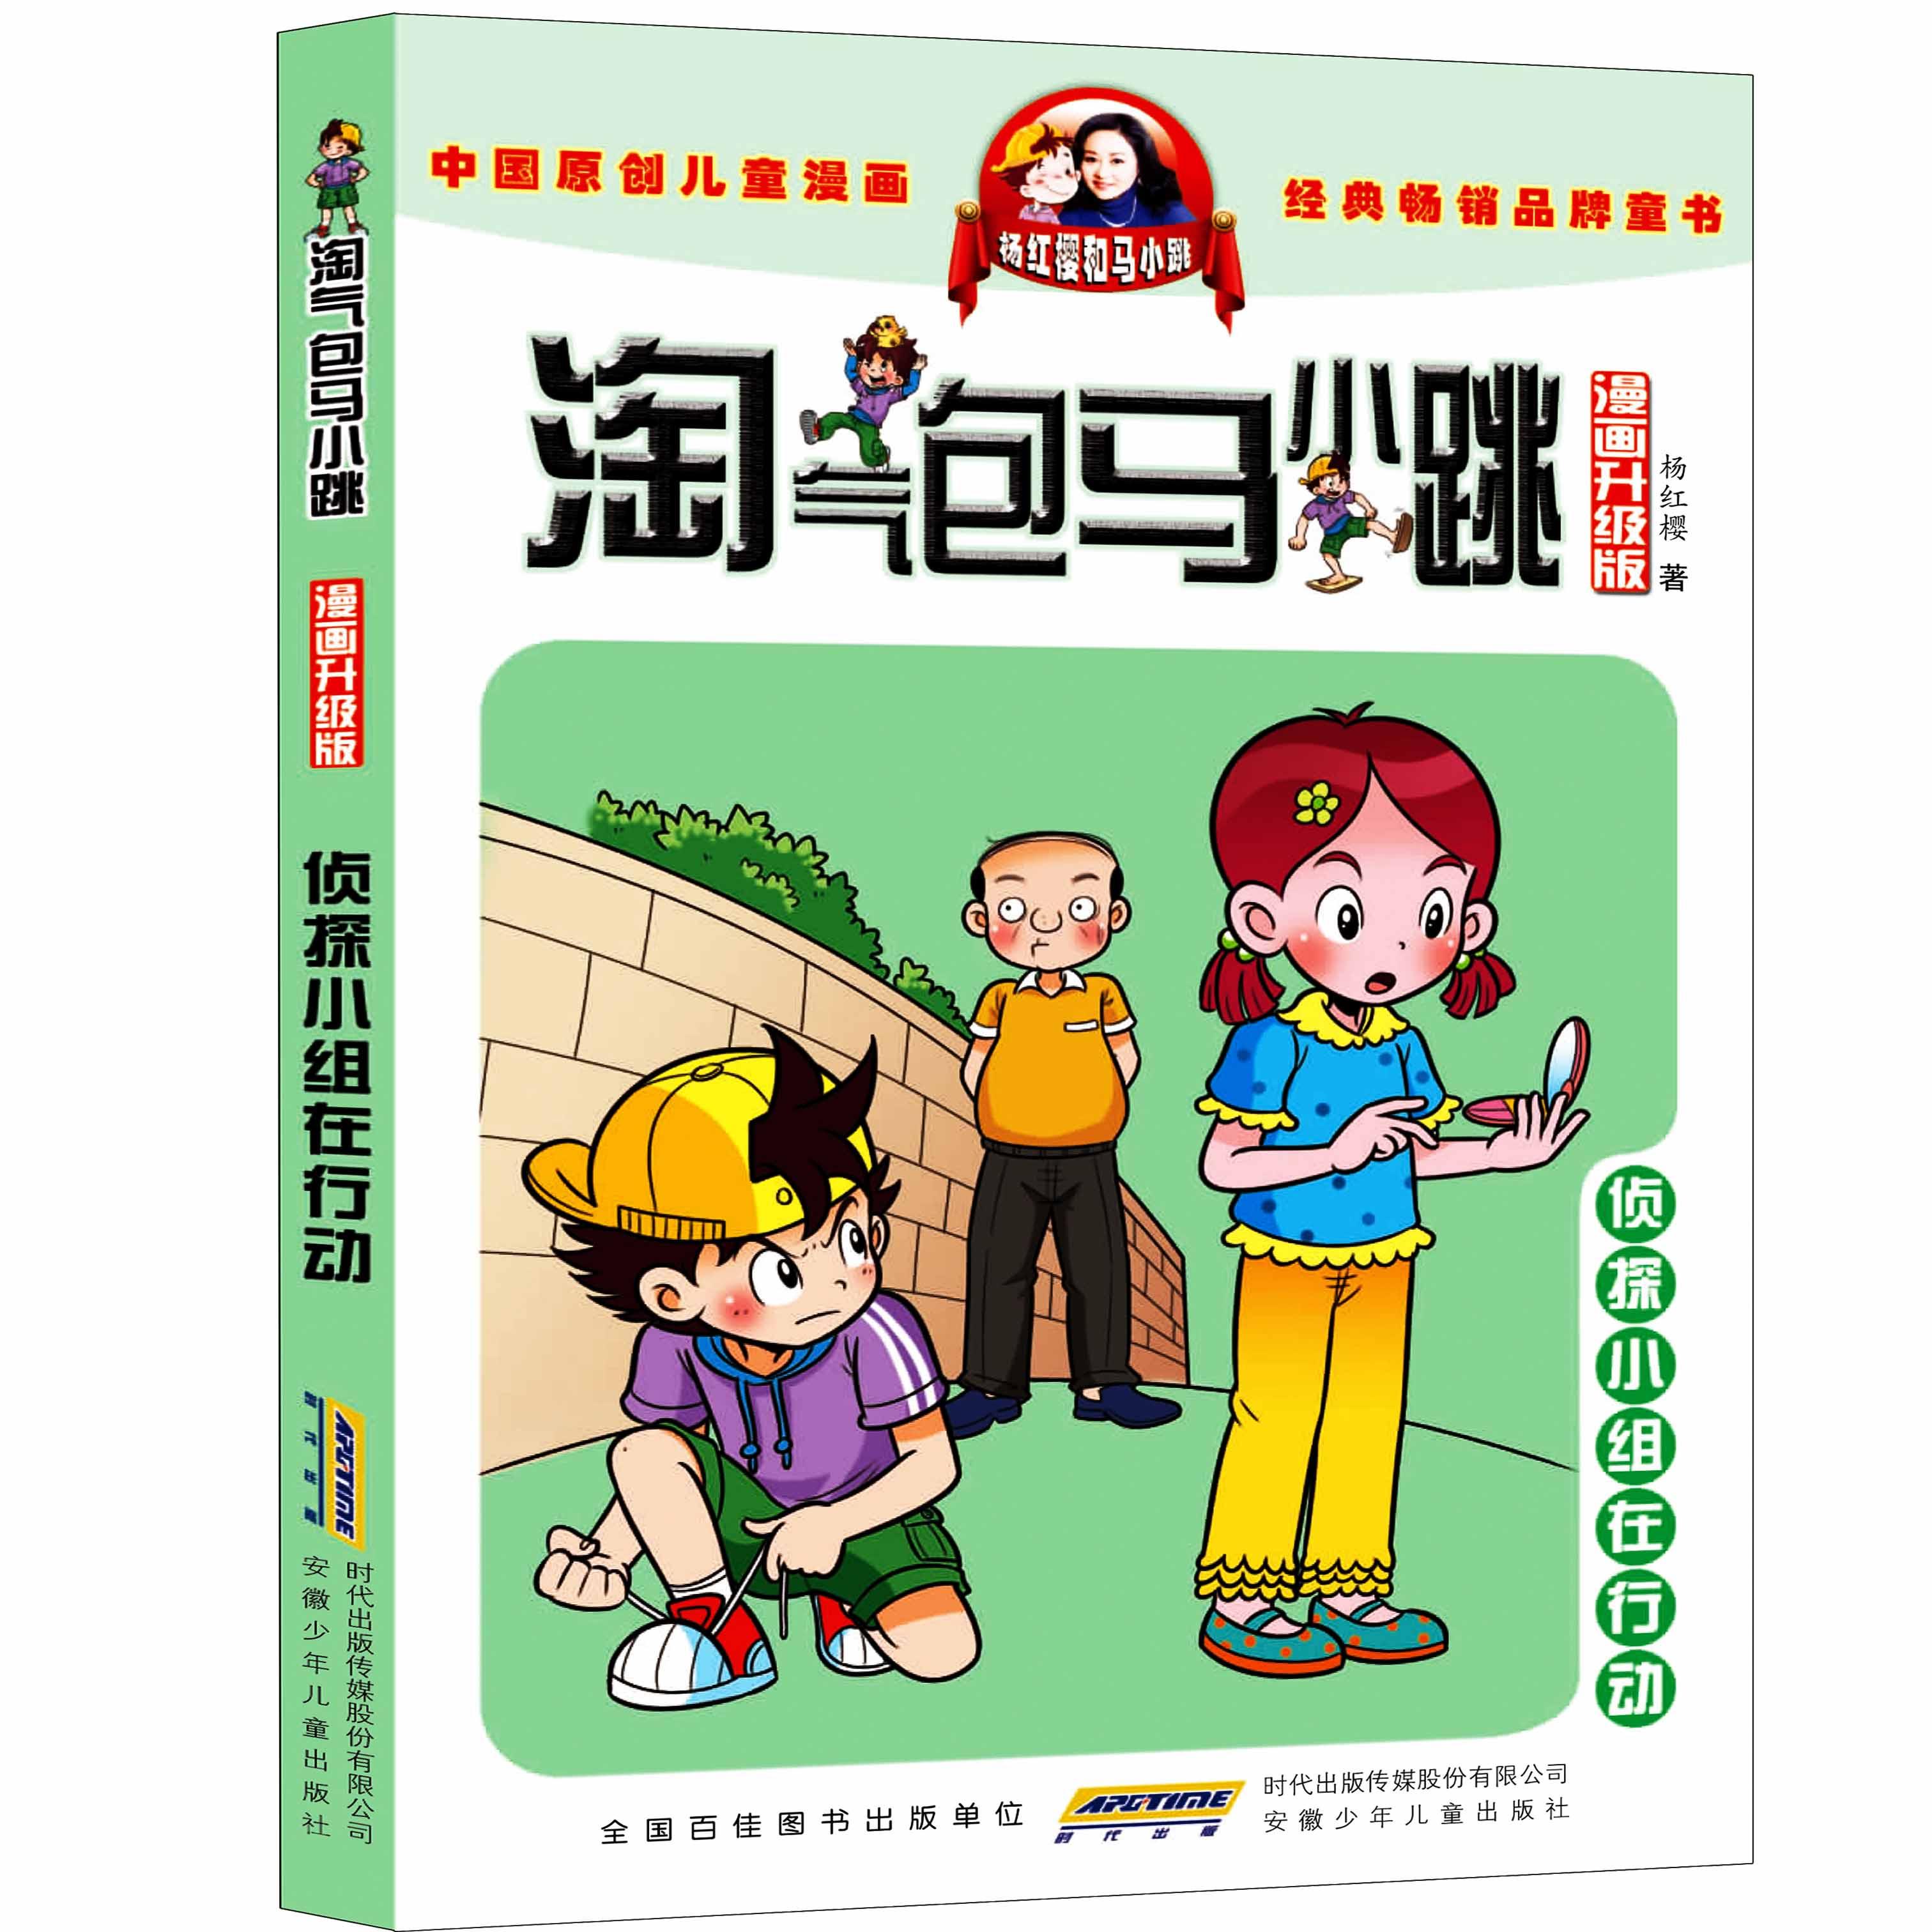 侦探小组在行动 淘气包马小跳 漫画升级版 侦探小组在行动 彩图不注音版 杨红樱童话 6-12岁中国儿童文学卡通连环画图书籍